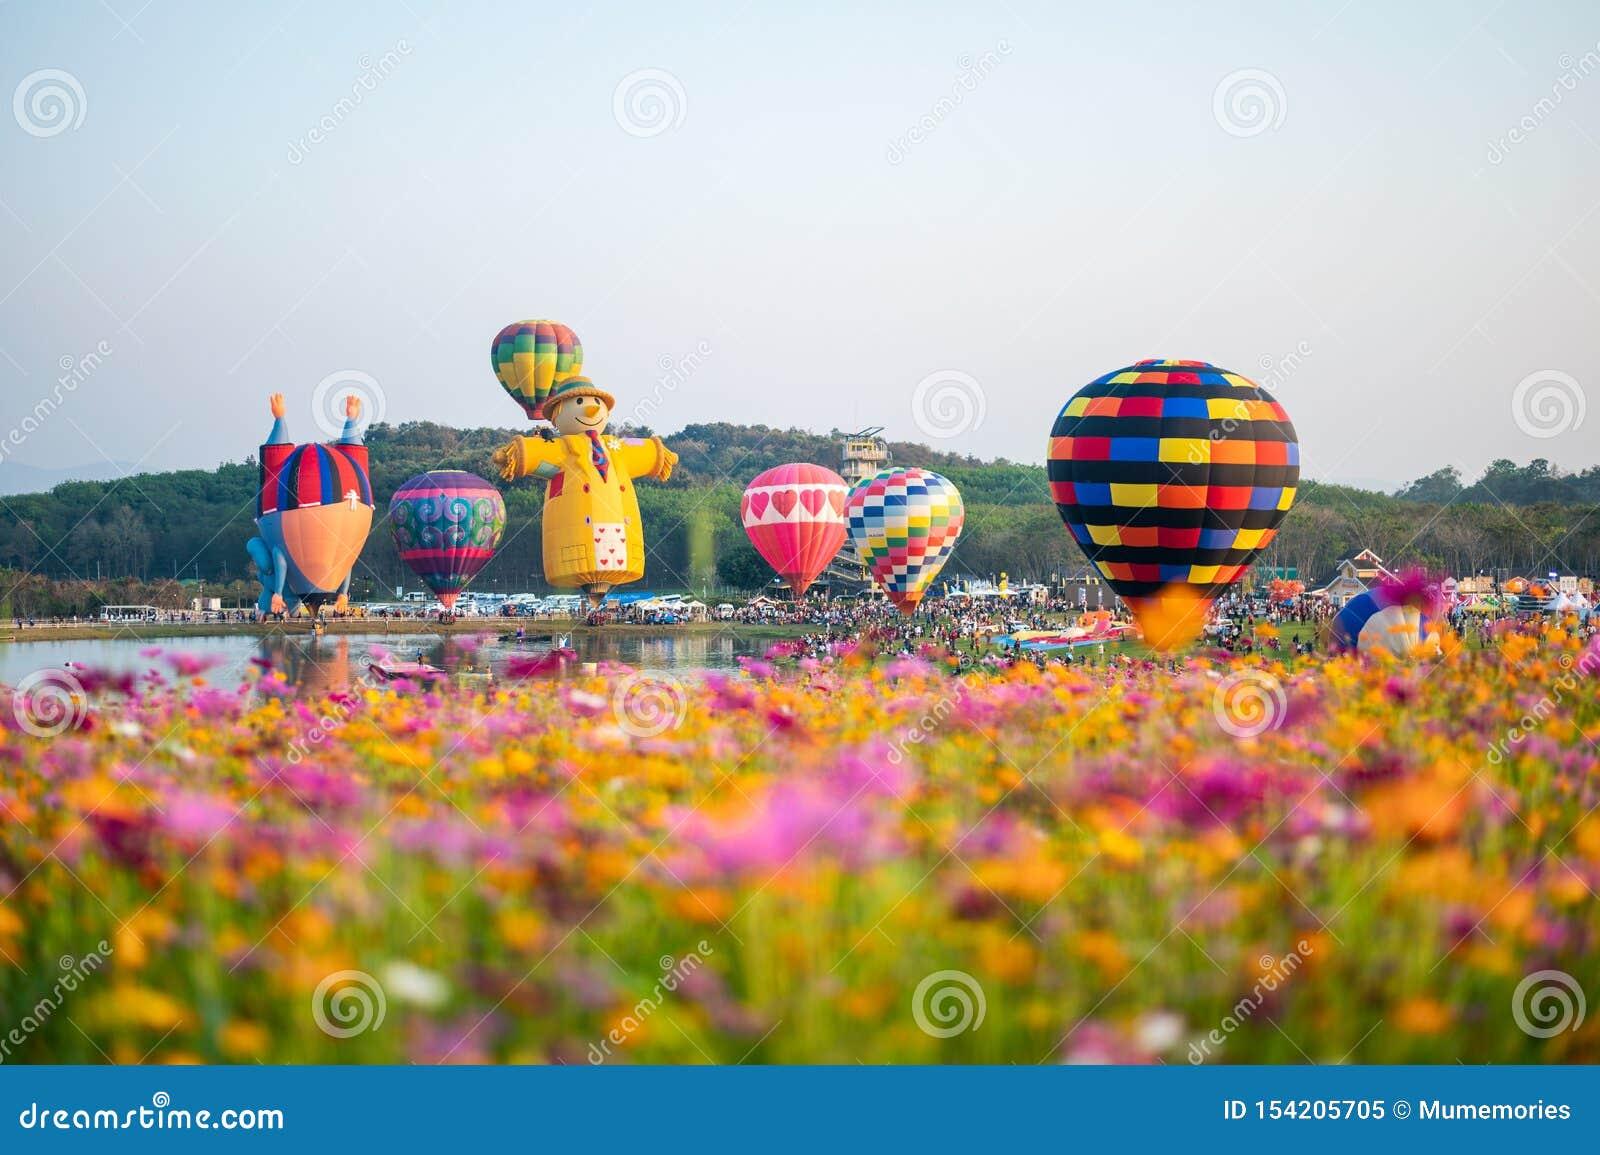 Τουρίστες που ταξιδεύουν στο ζωηρόχρωμο φεστιβάλ μπαλονιών στον τομέα κόσμου